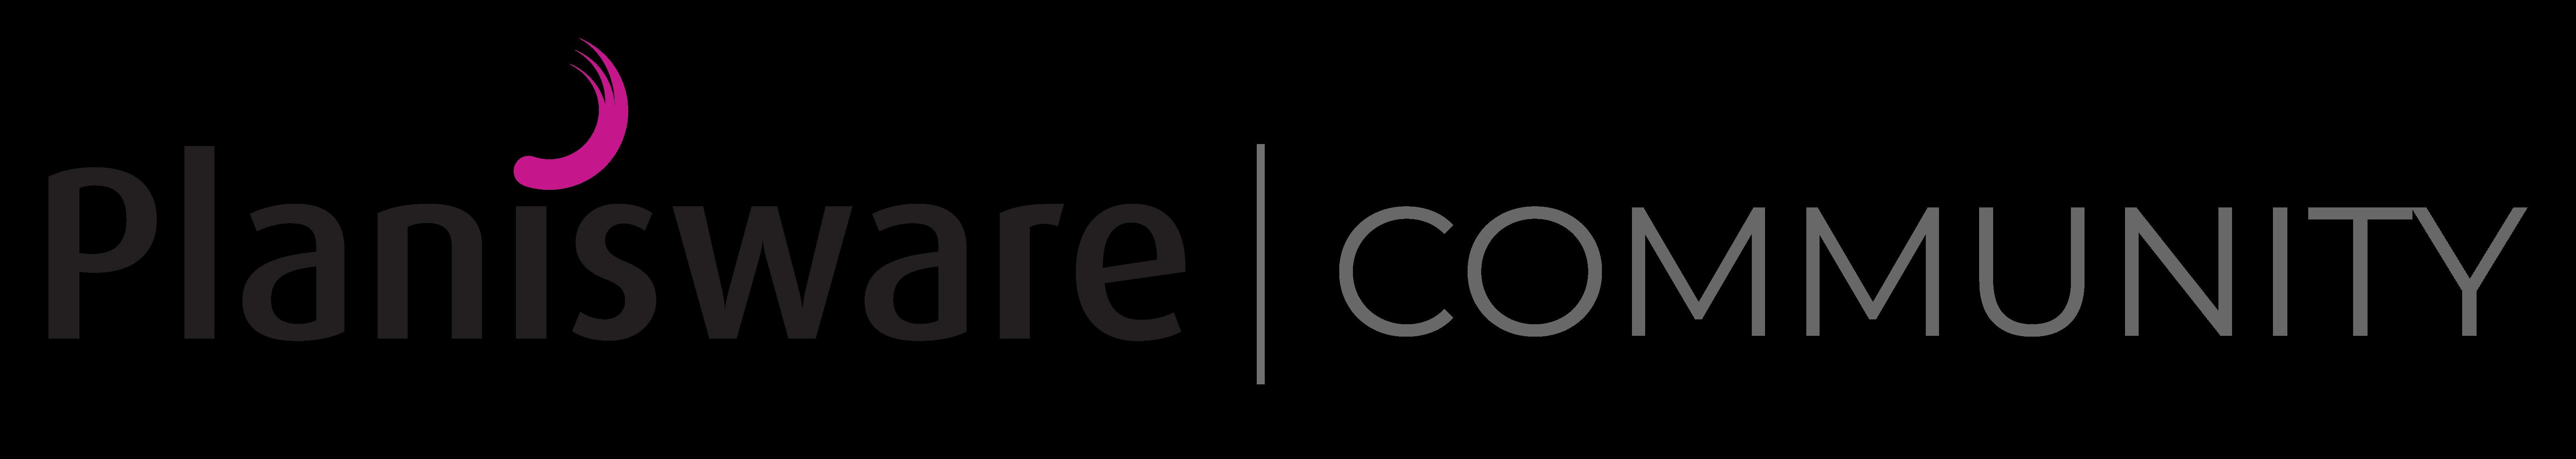 Planisware's Community